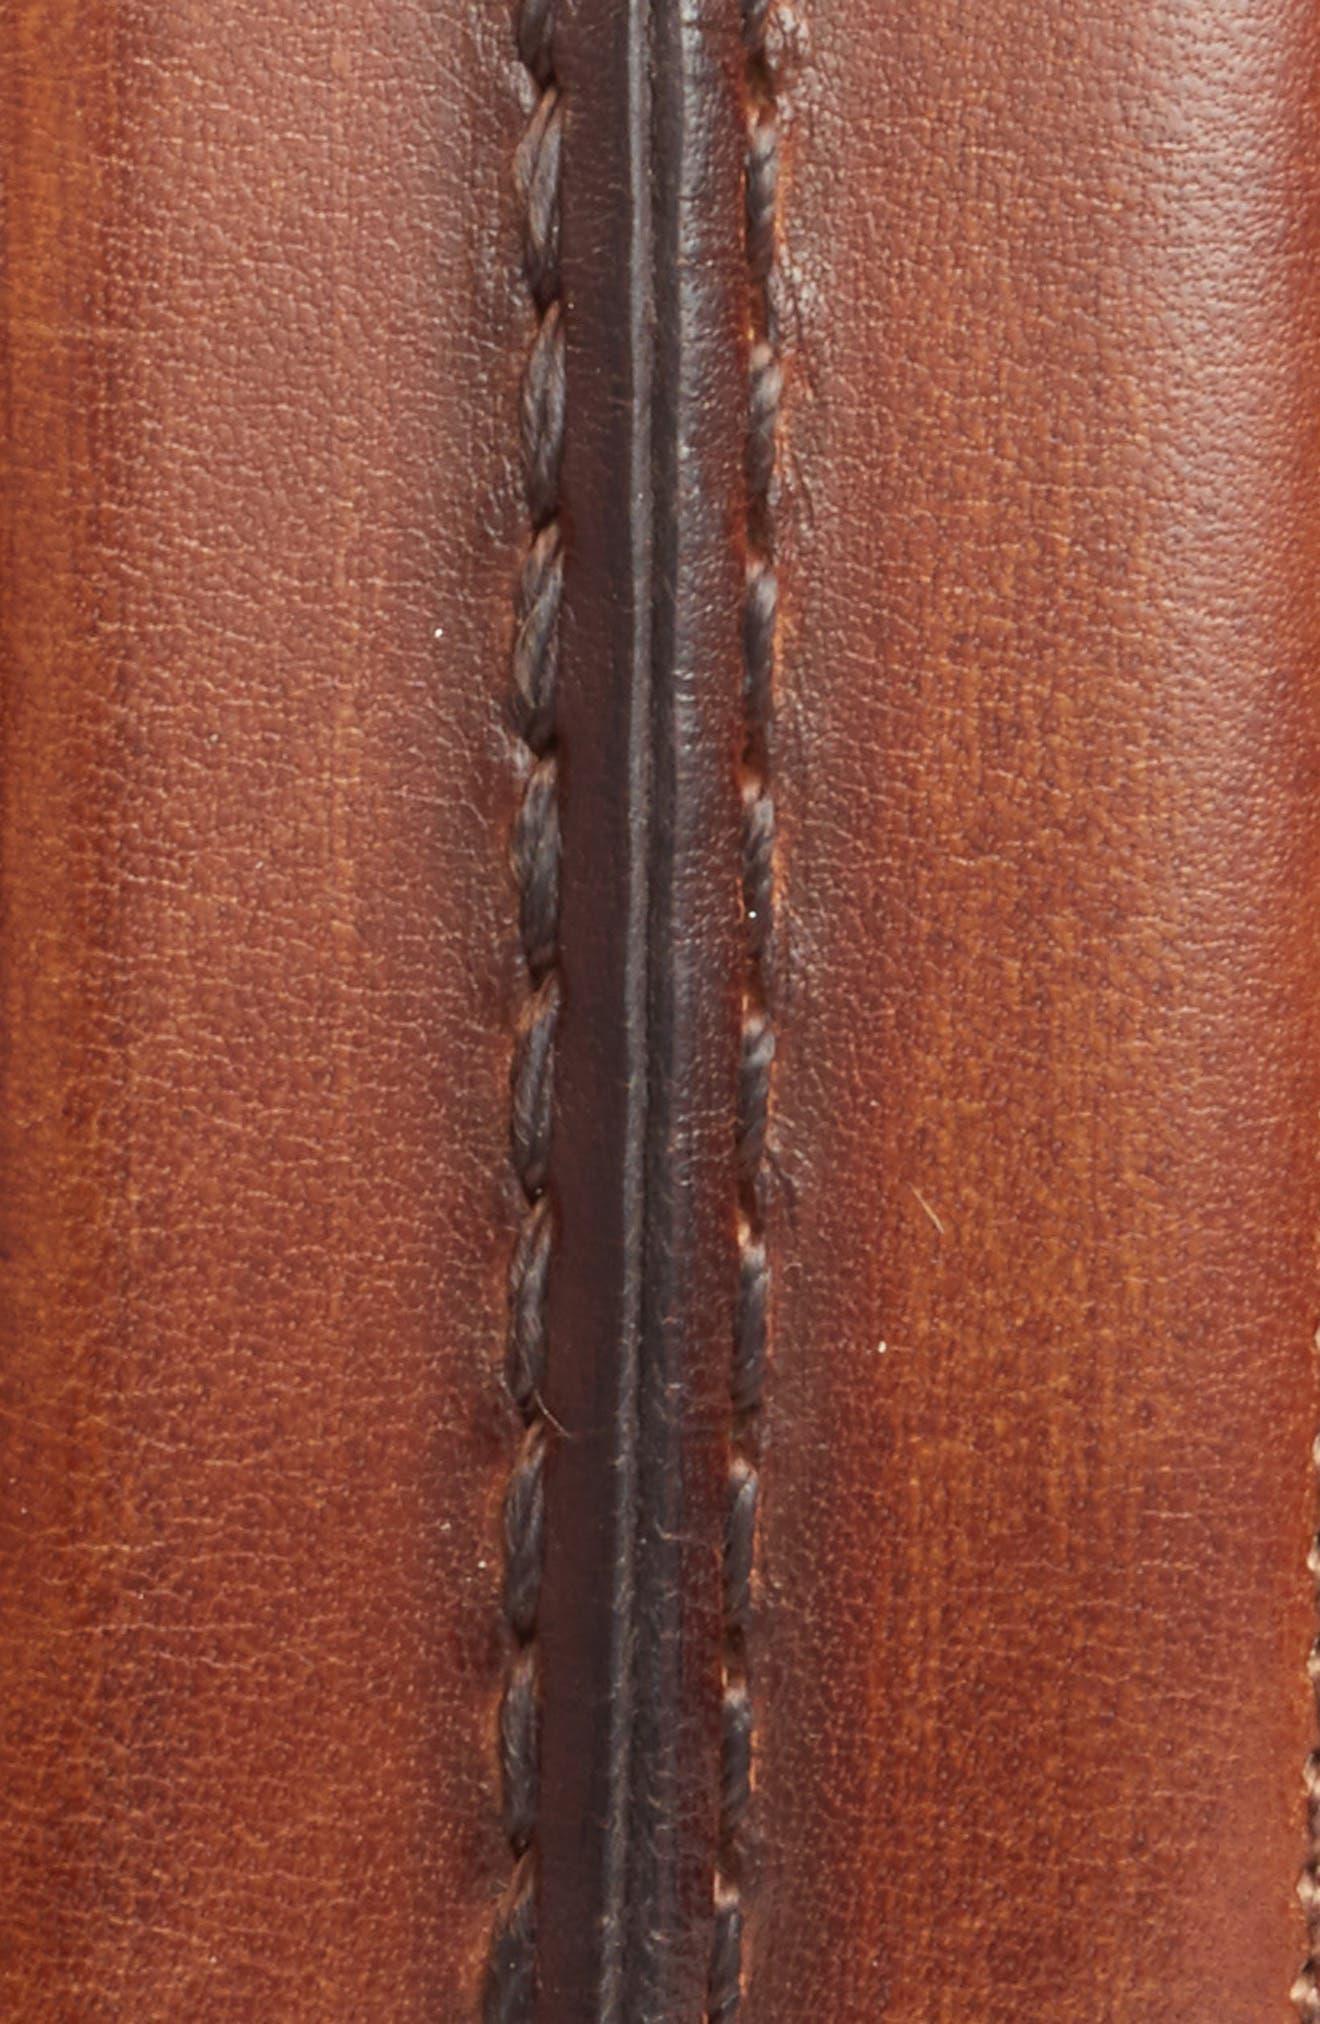 Palma Leather Belt,                             Alternate thumbnail 2, color,                             COGNAC